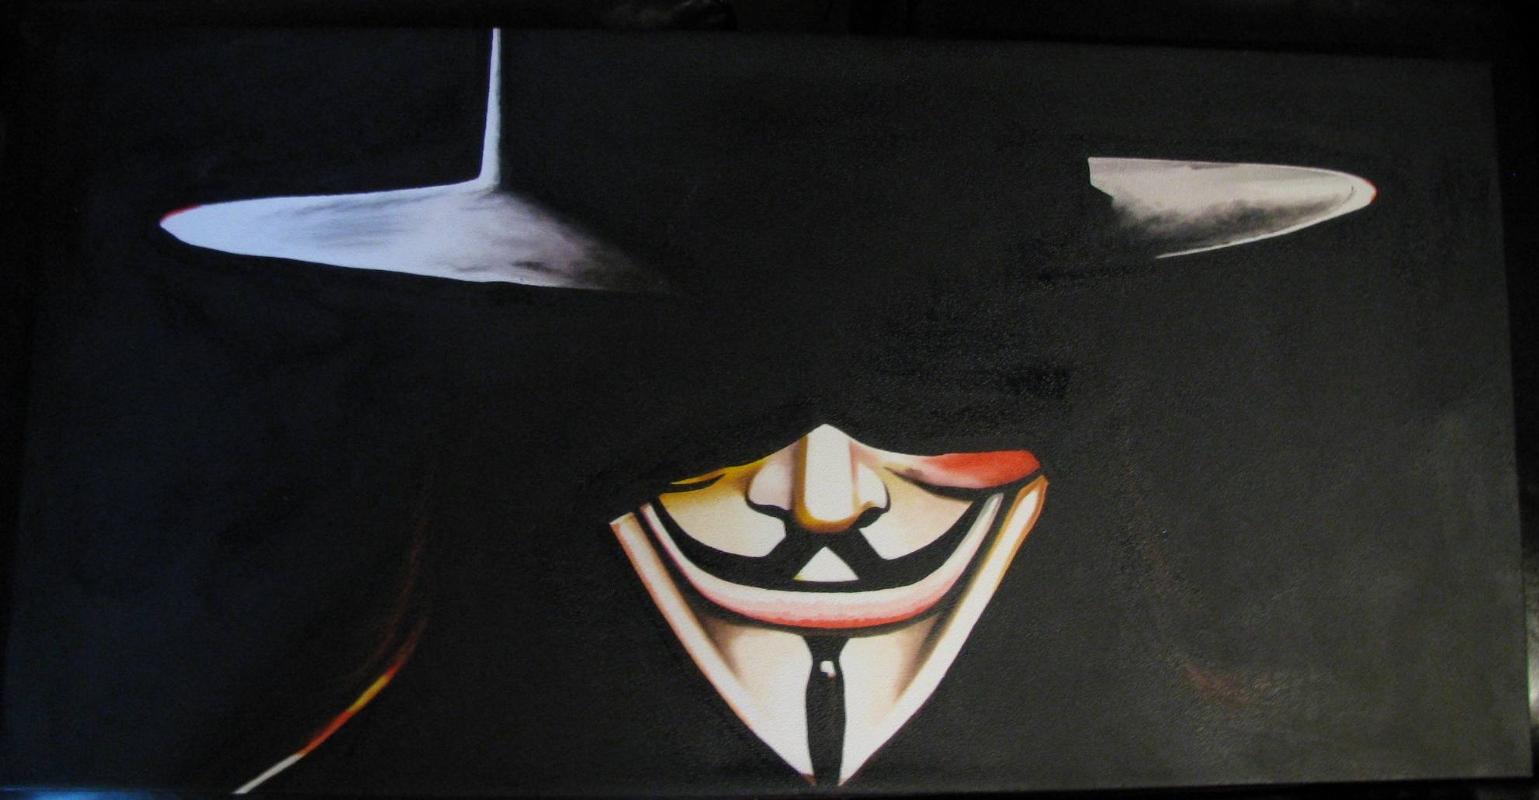 v for vendetta painting  eBay